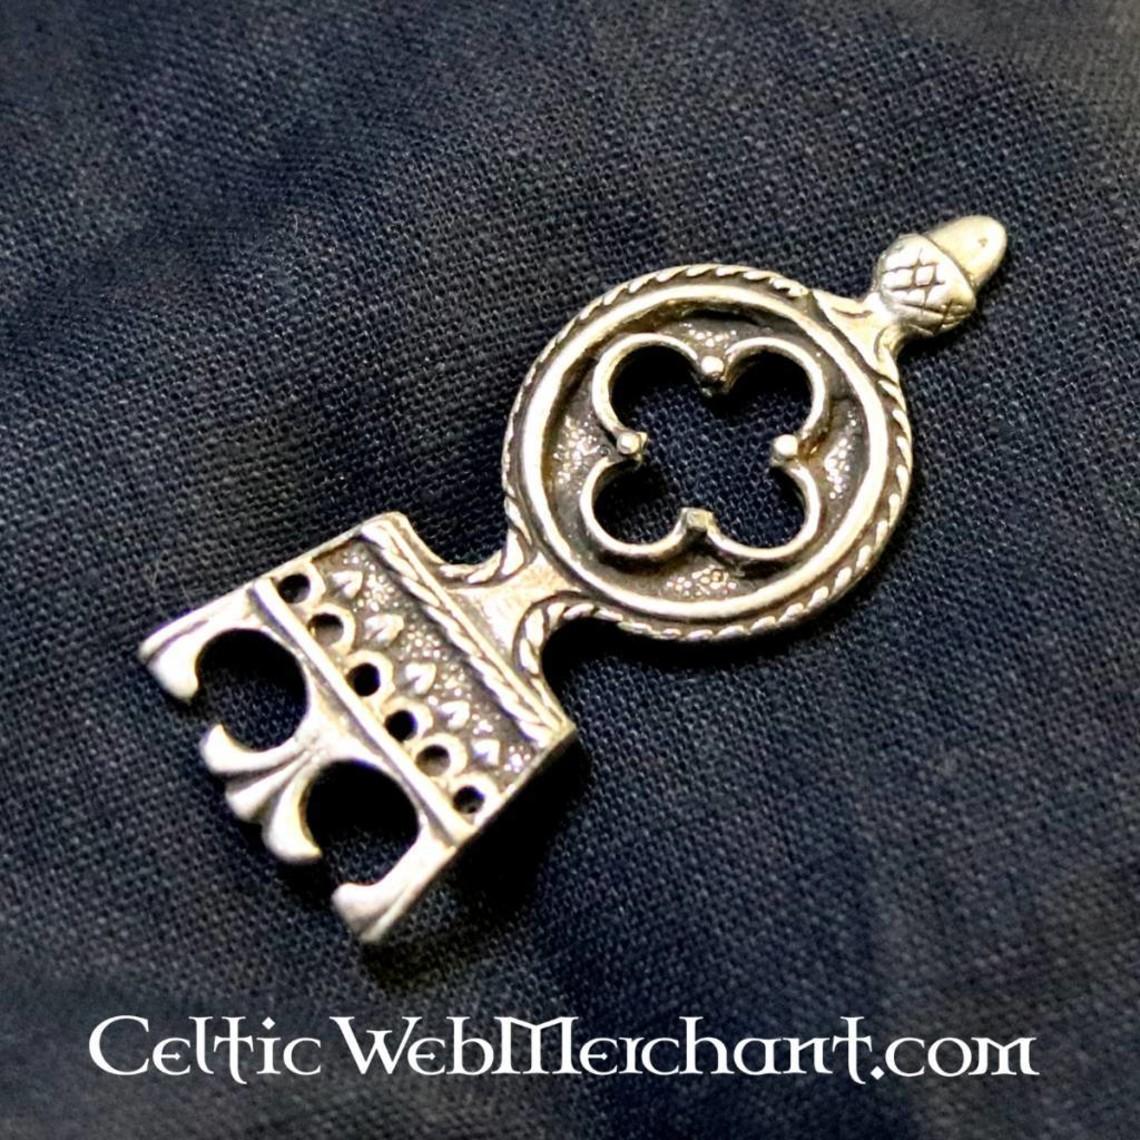 Gotische riemeinde 3 cm, verzilverd